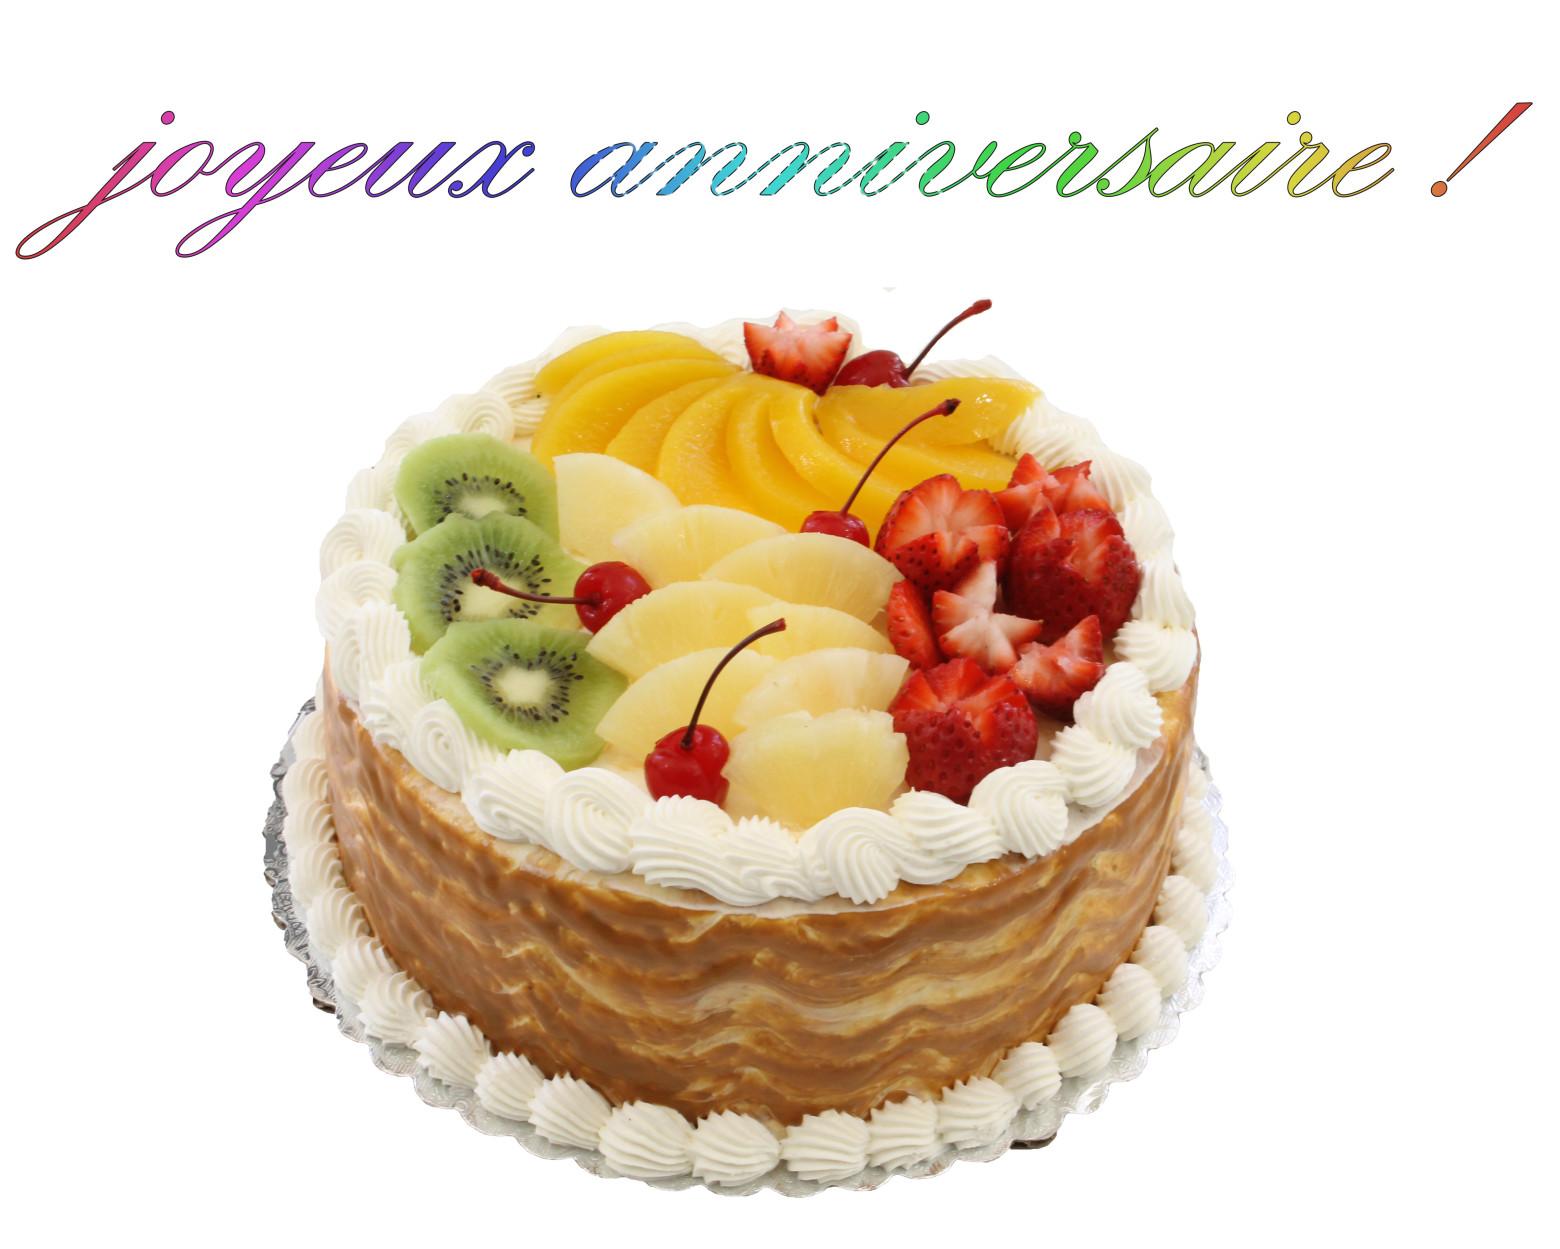 Un joyeux anniversaire - Page 19 Banque-d-images-et-photos-gratuites-libres-de-droits-t%C3%A9l%C3%A9chargement-gratuits78-1560x1249